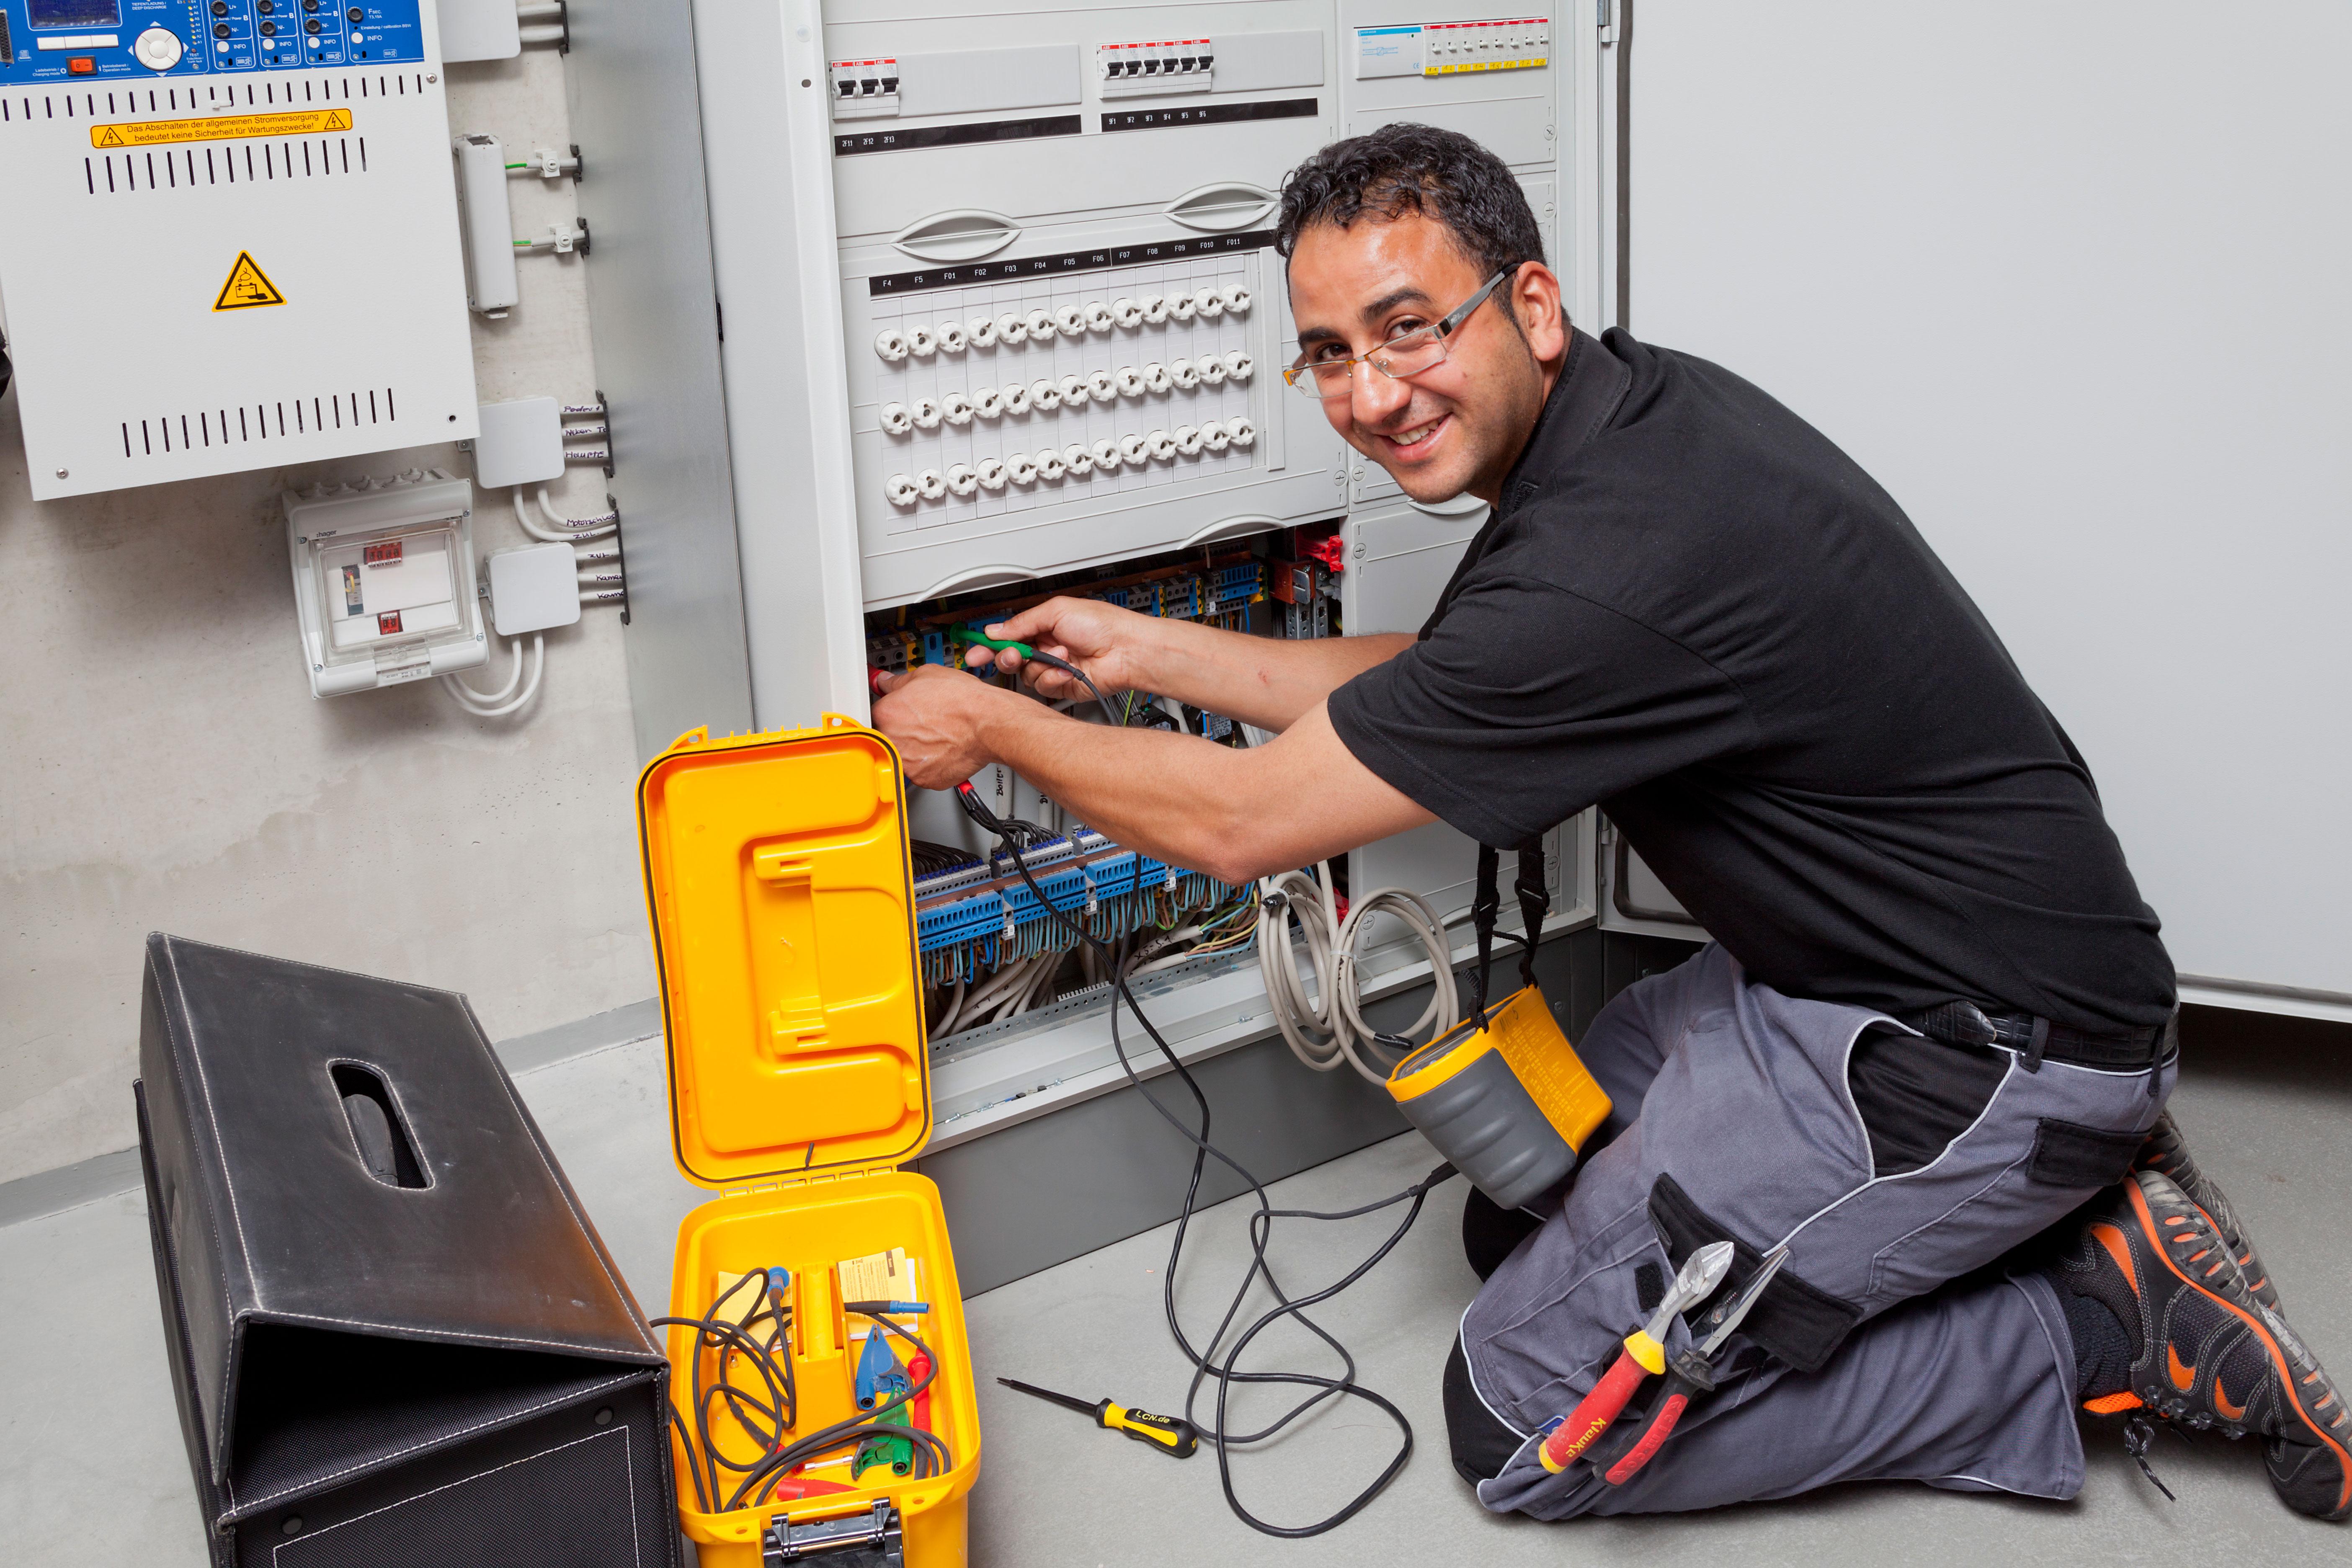 Meistervorbereitung für Elektrotechnik Teil 1-4 - Fachrichtung Energie- und Gebäudetechnik